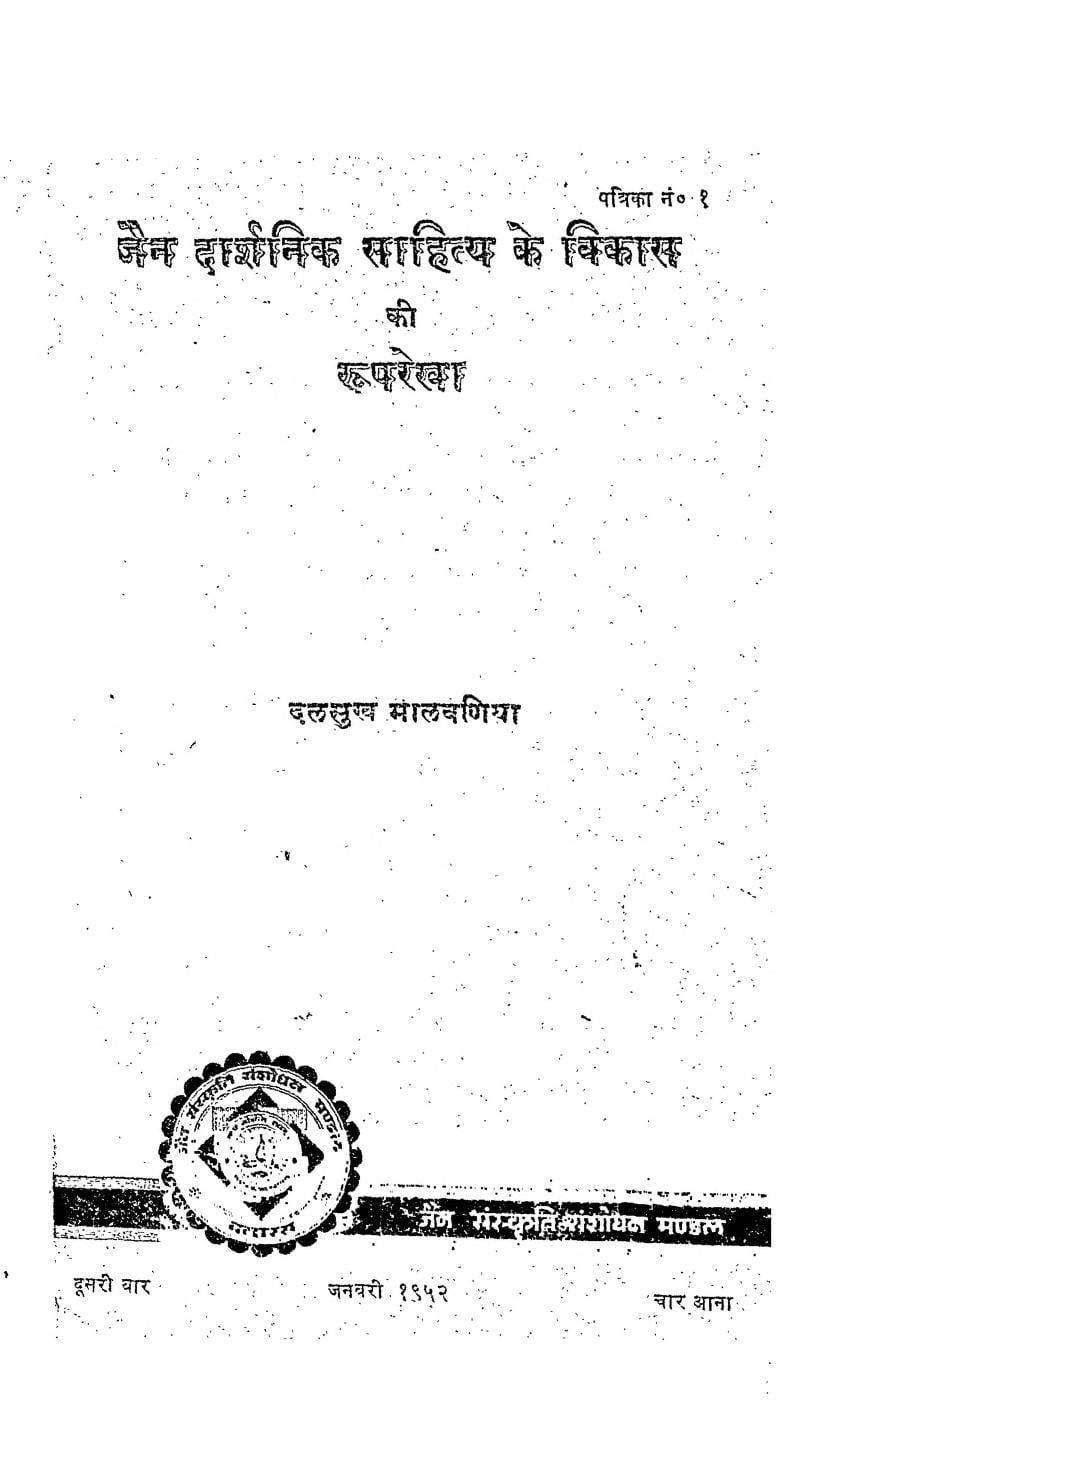 Book Image : जैन दार्शनिक साहित्य के विकास की रूपरेखा  - Jain Darshanik Sahitya Ke Vikash Ki Ruprekha